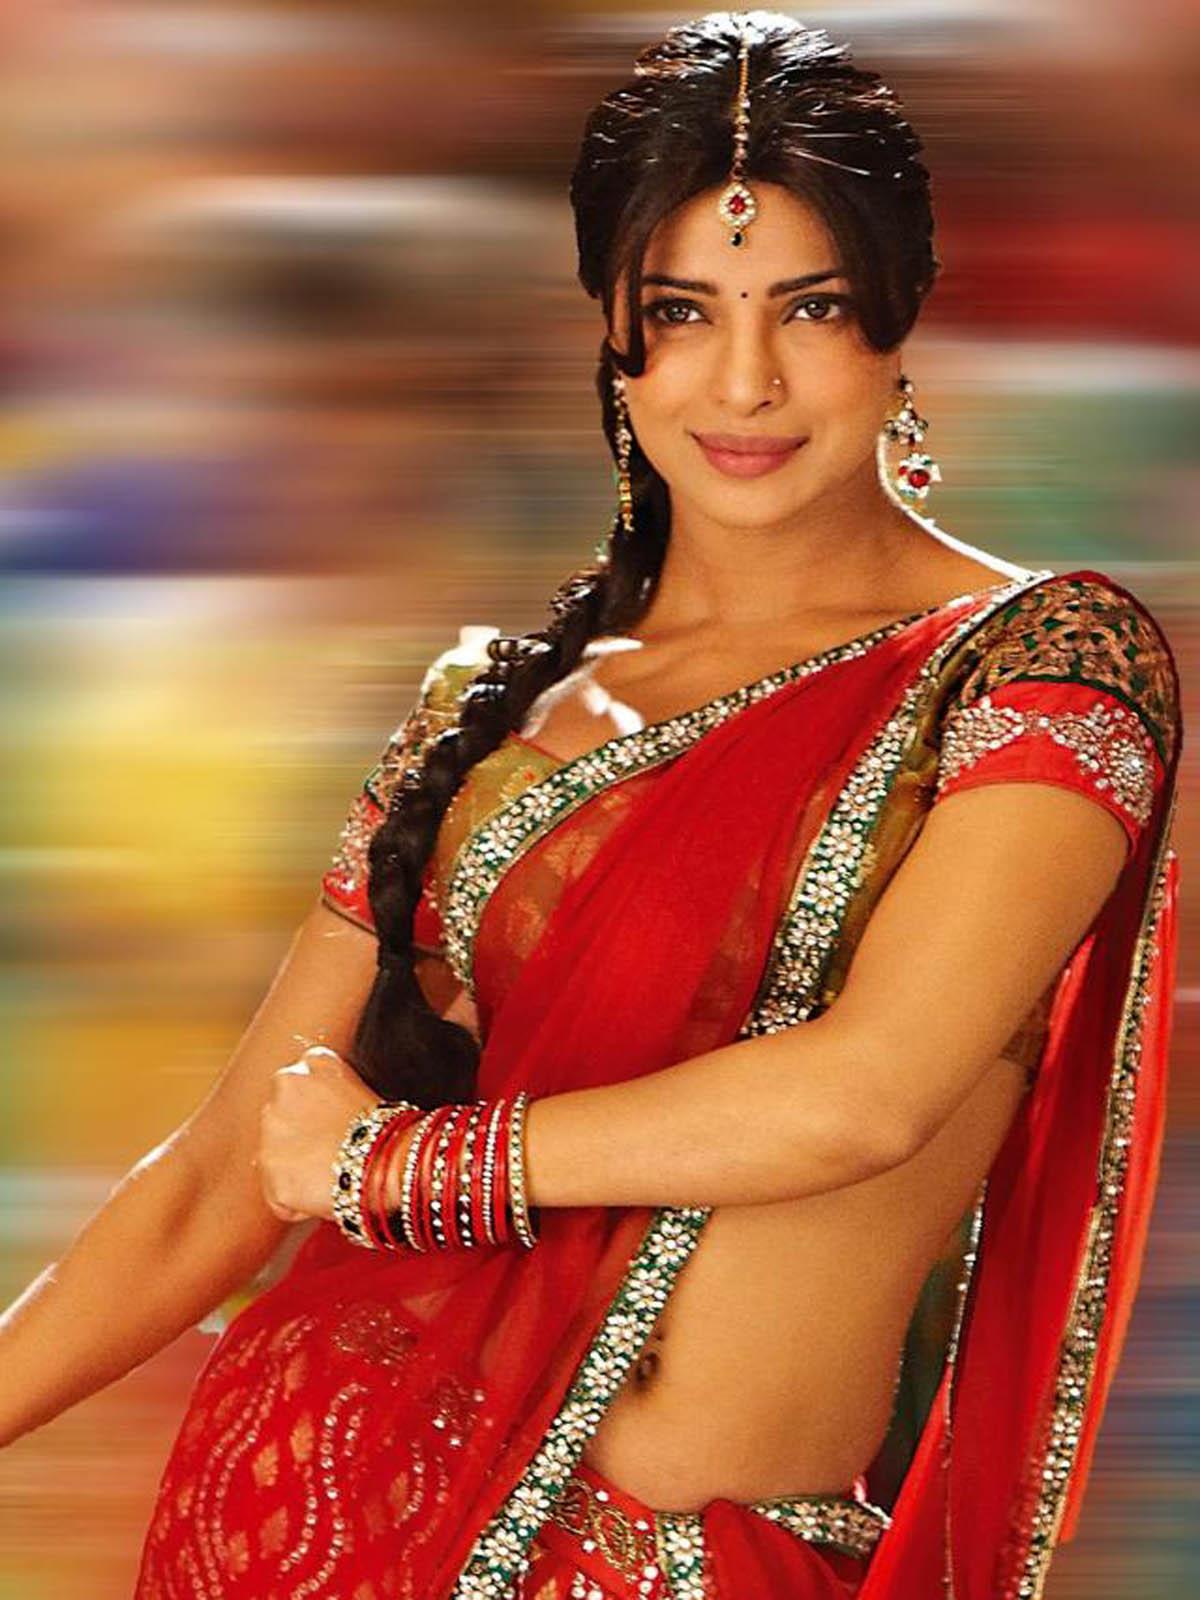 Hot Desi Curves Priyanka Chopra Hottest Stills And Hd -7962